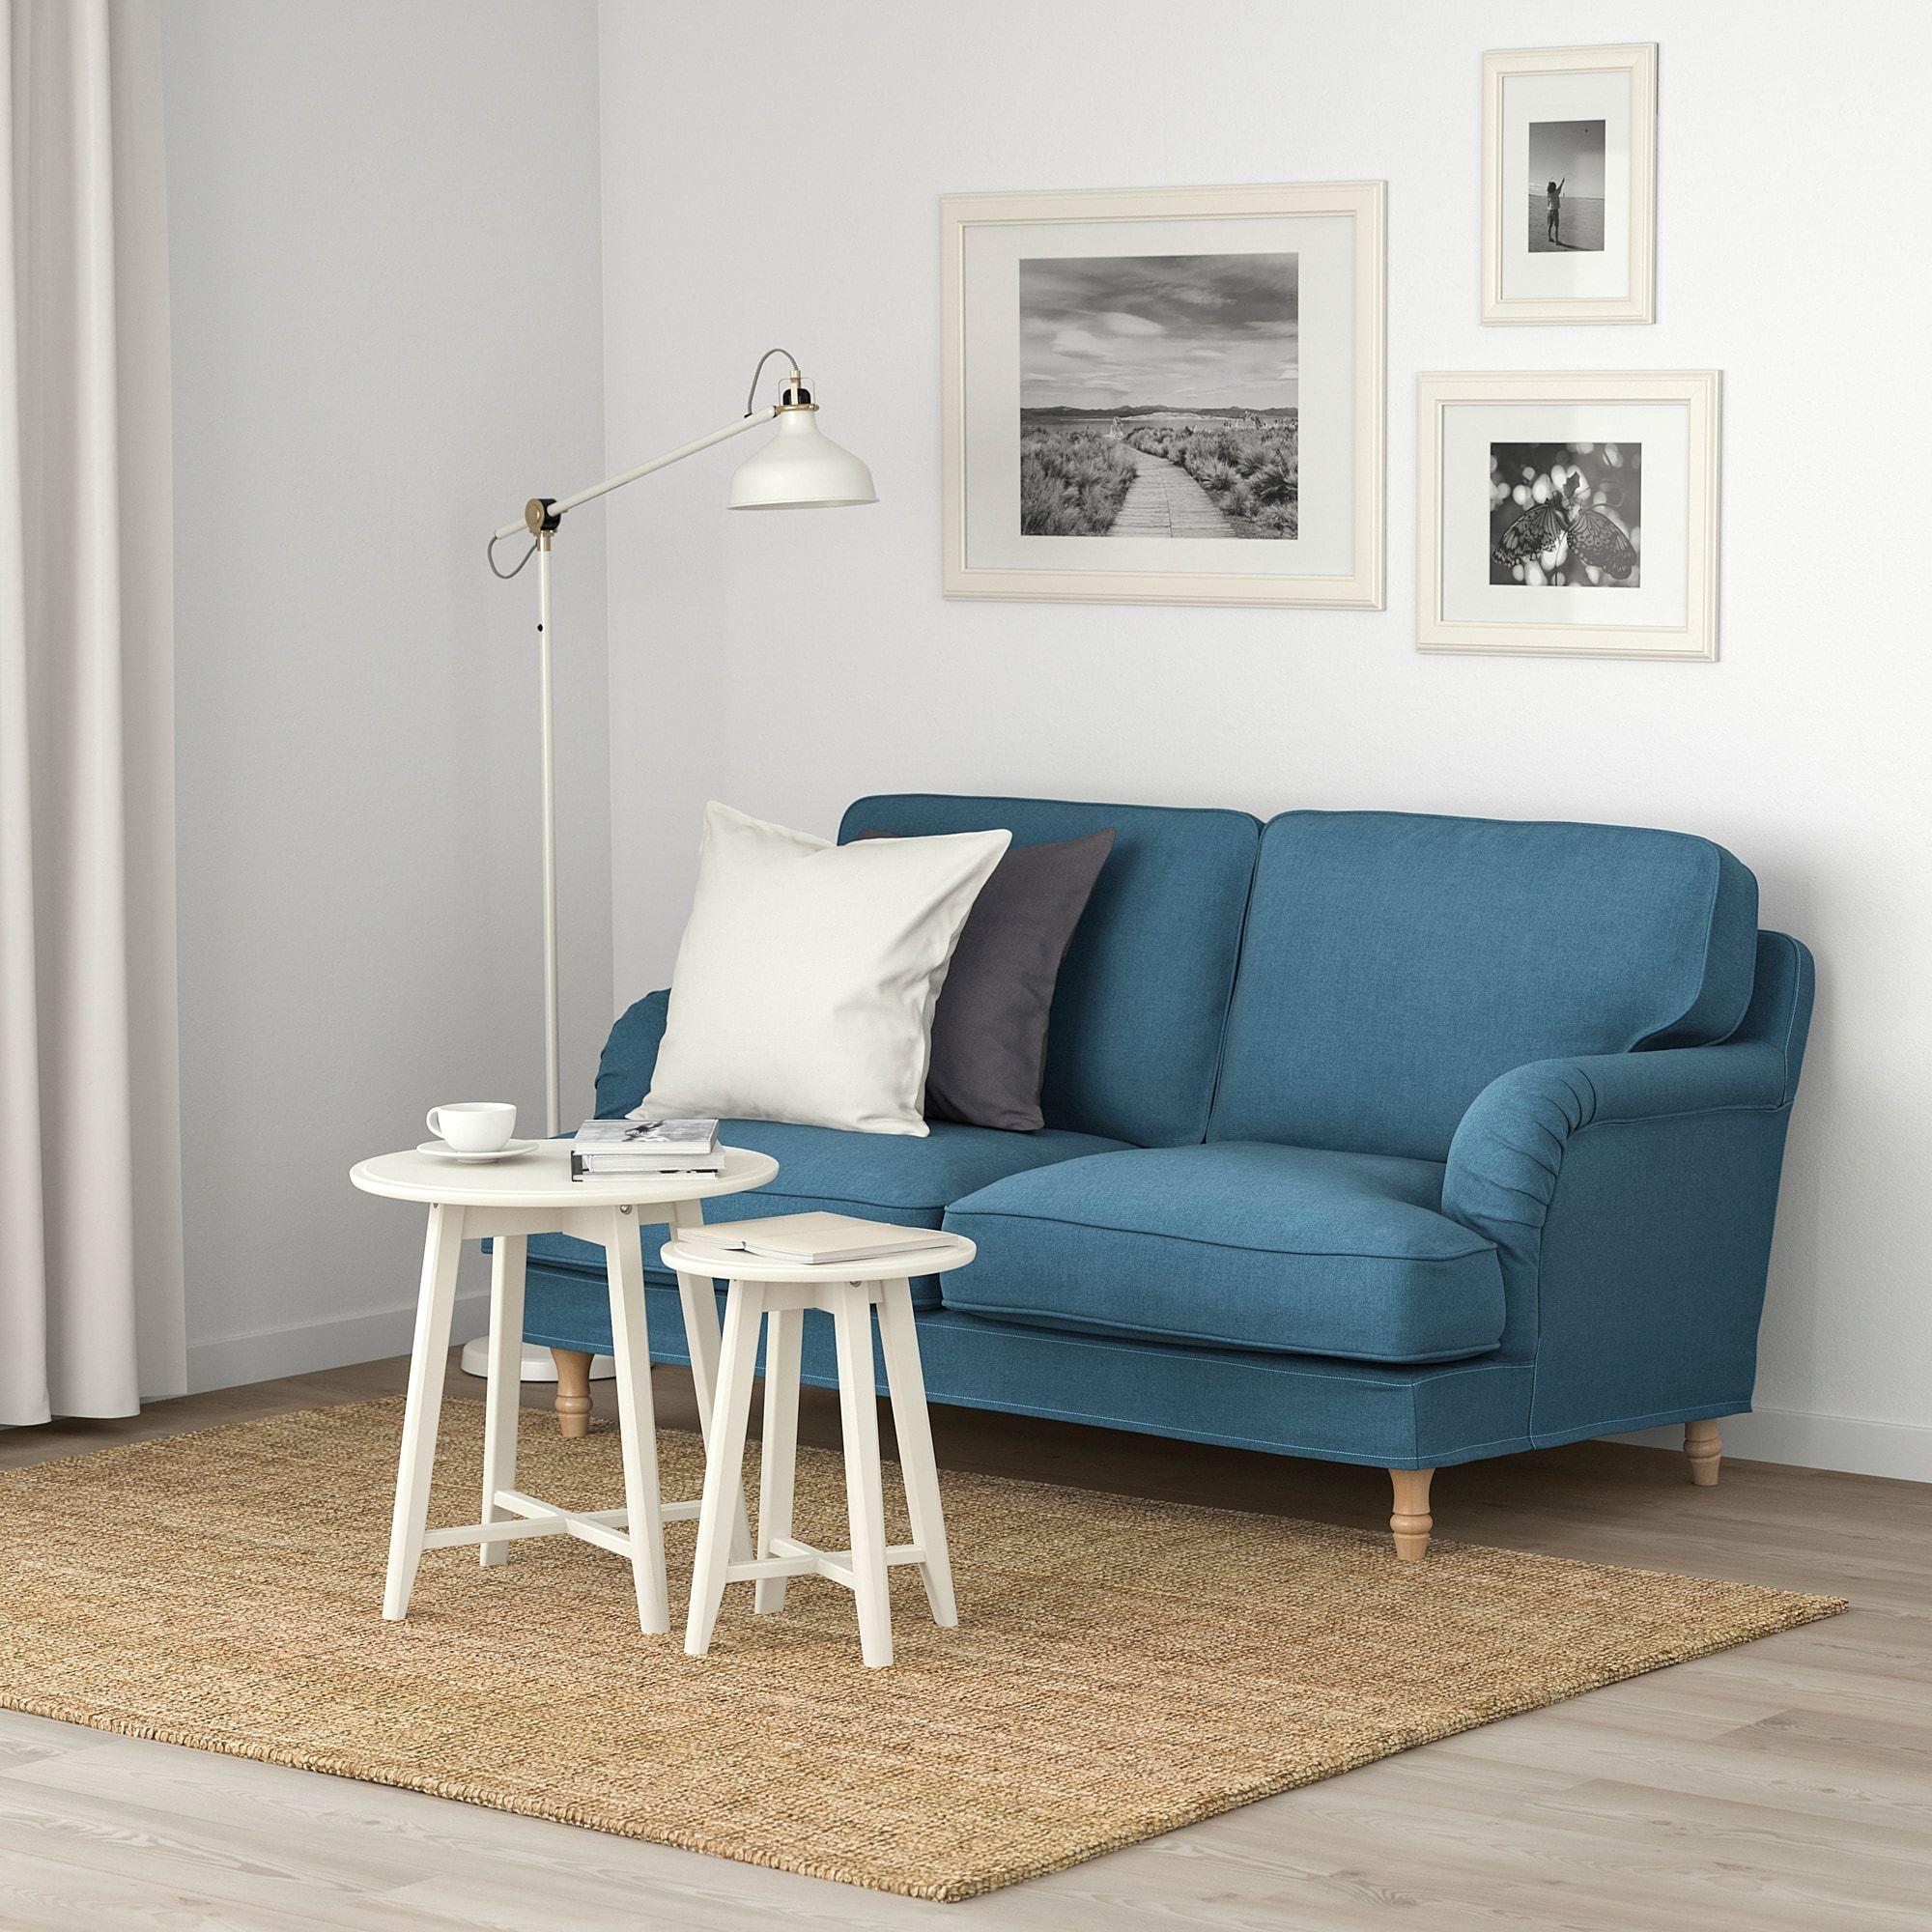 Stocksund 2er Sofa Ljungen Blau Hellbraun Holz Ikea Osterreich 2er Sofa 3er Sofa Und Schlafsofa Mit Matratze